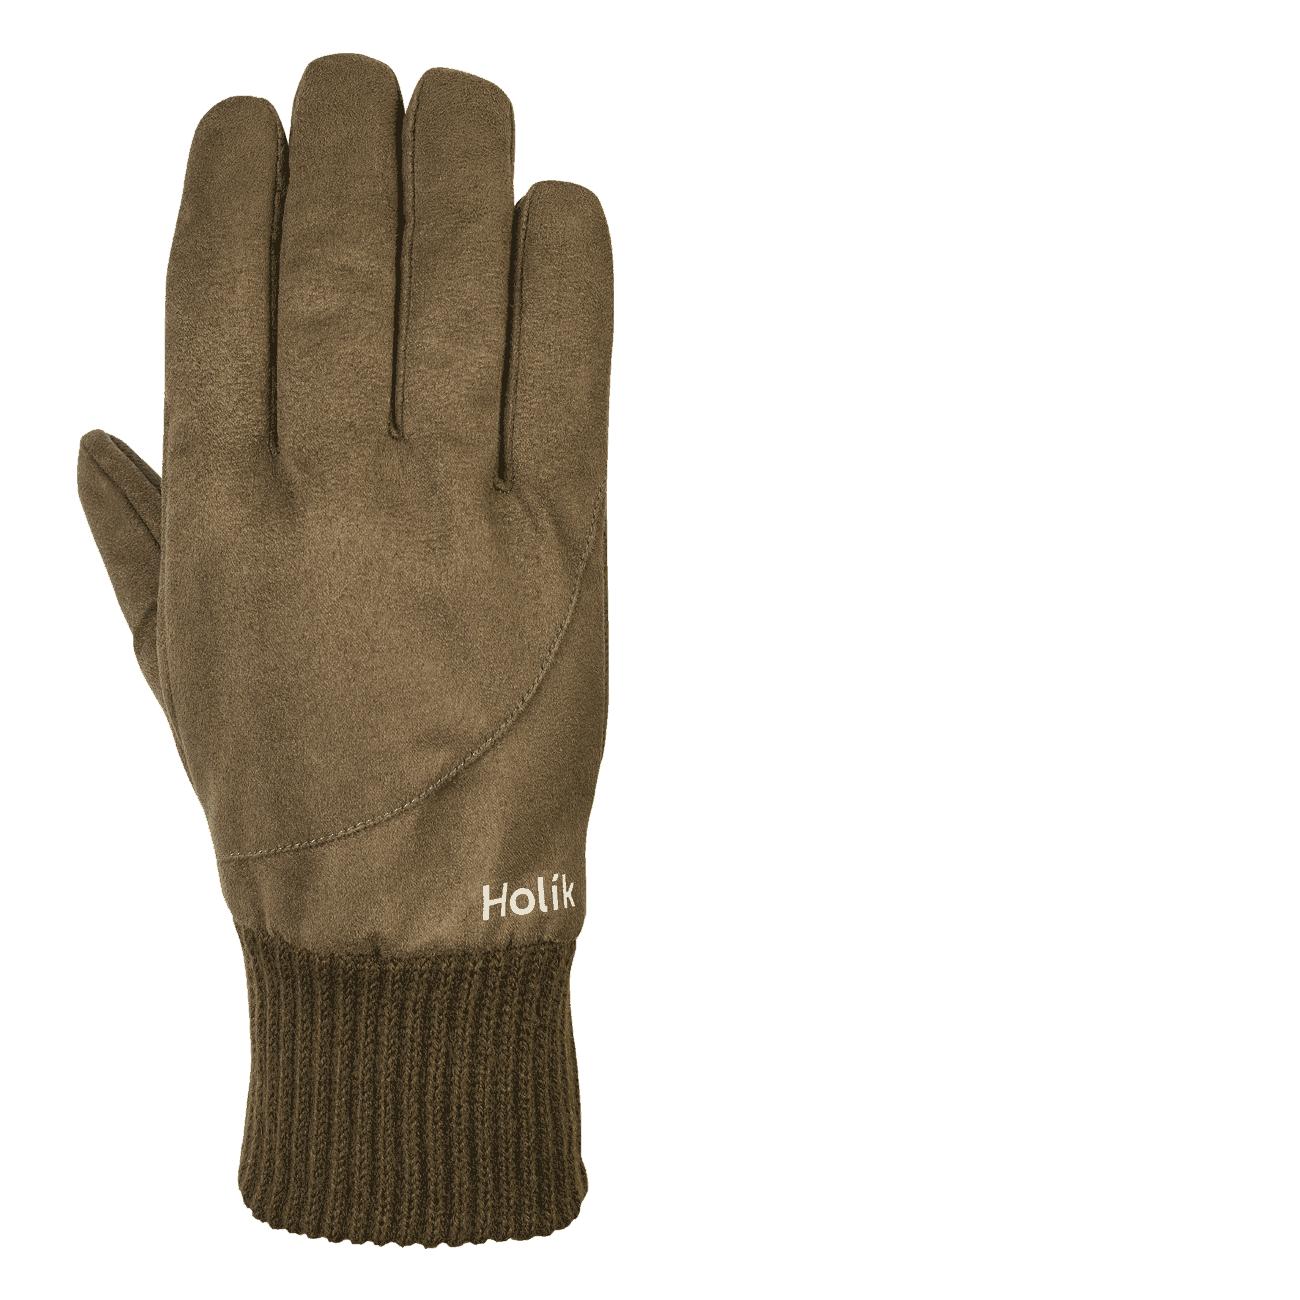 Holik Gloves Julie 8350